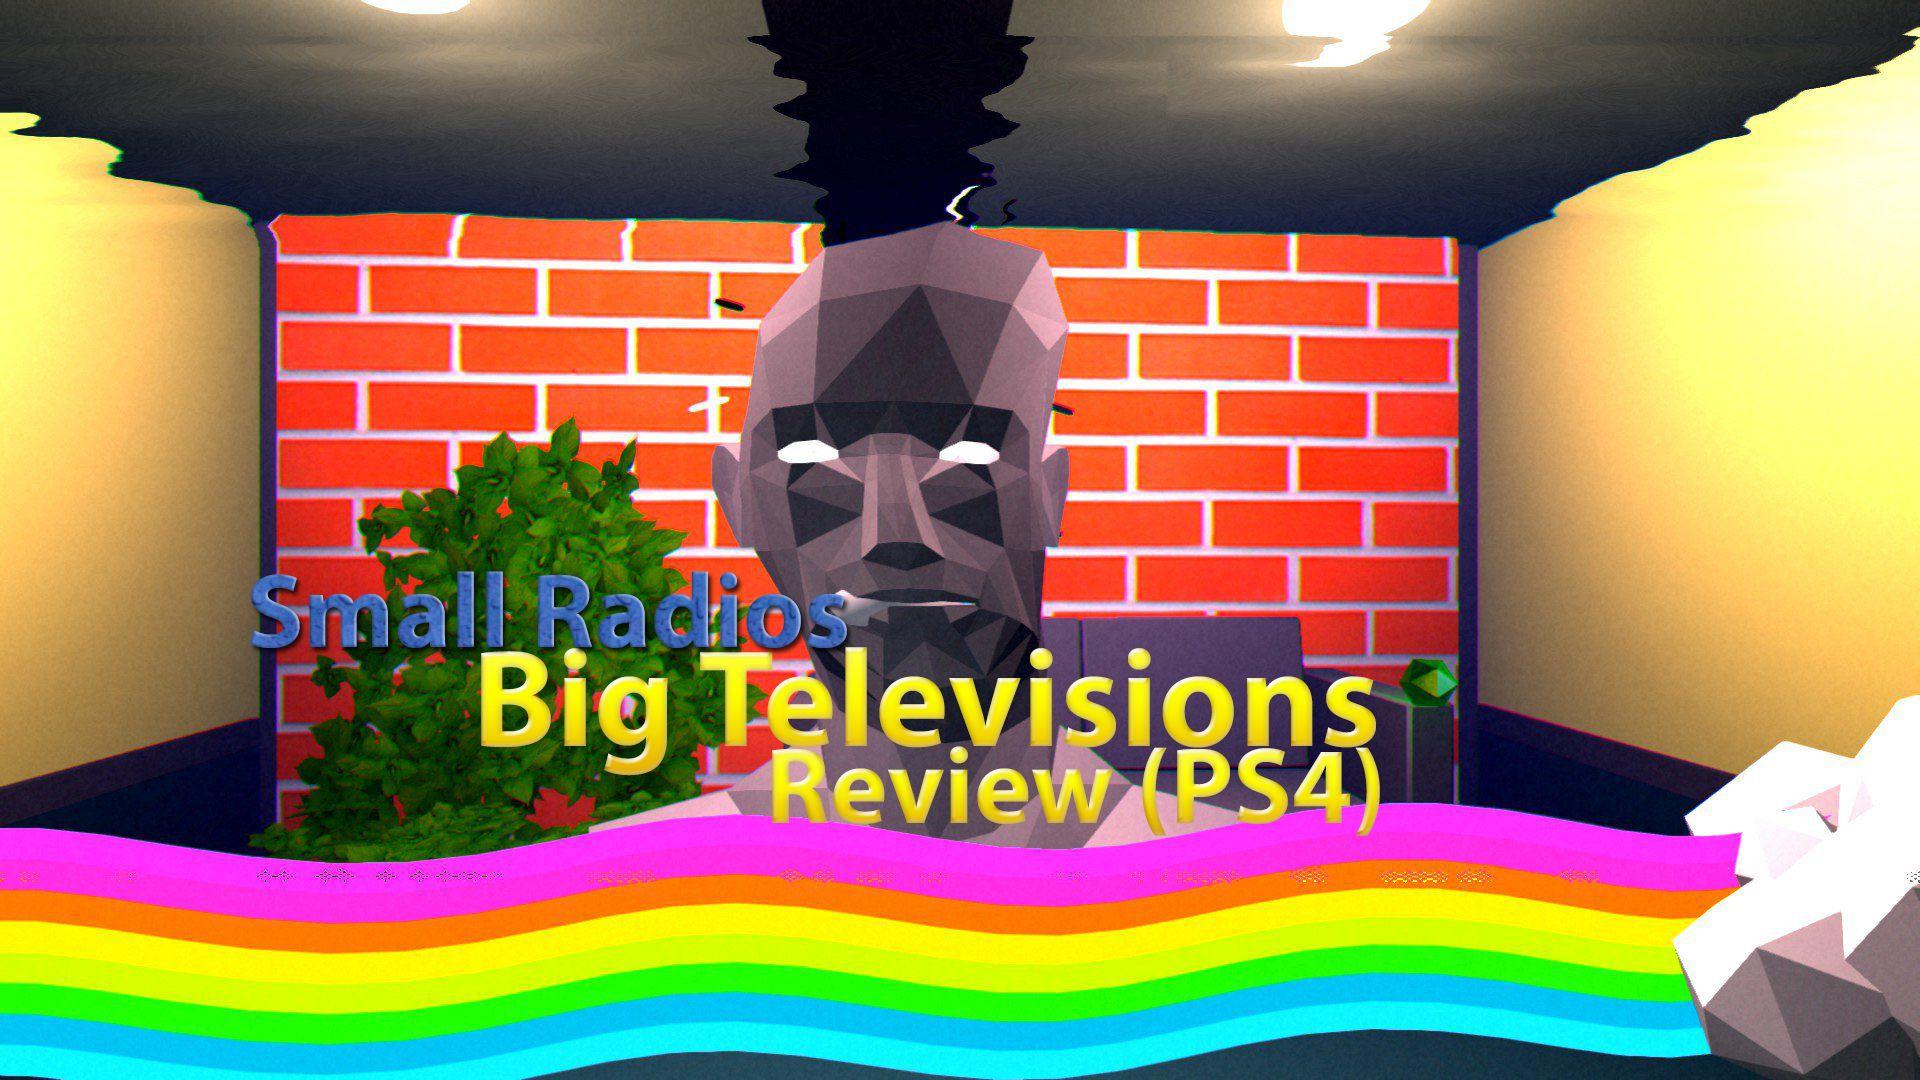 Small Radios Big Televisions Review (PS4)